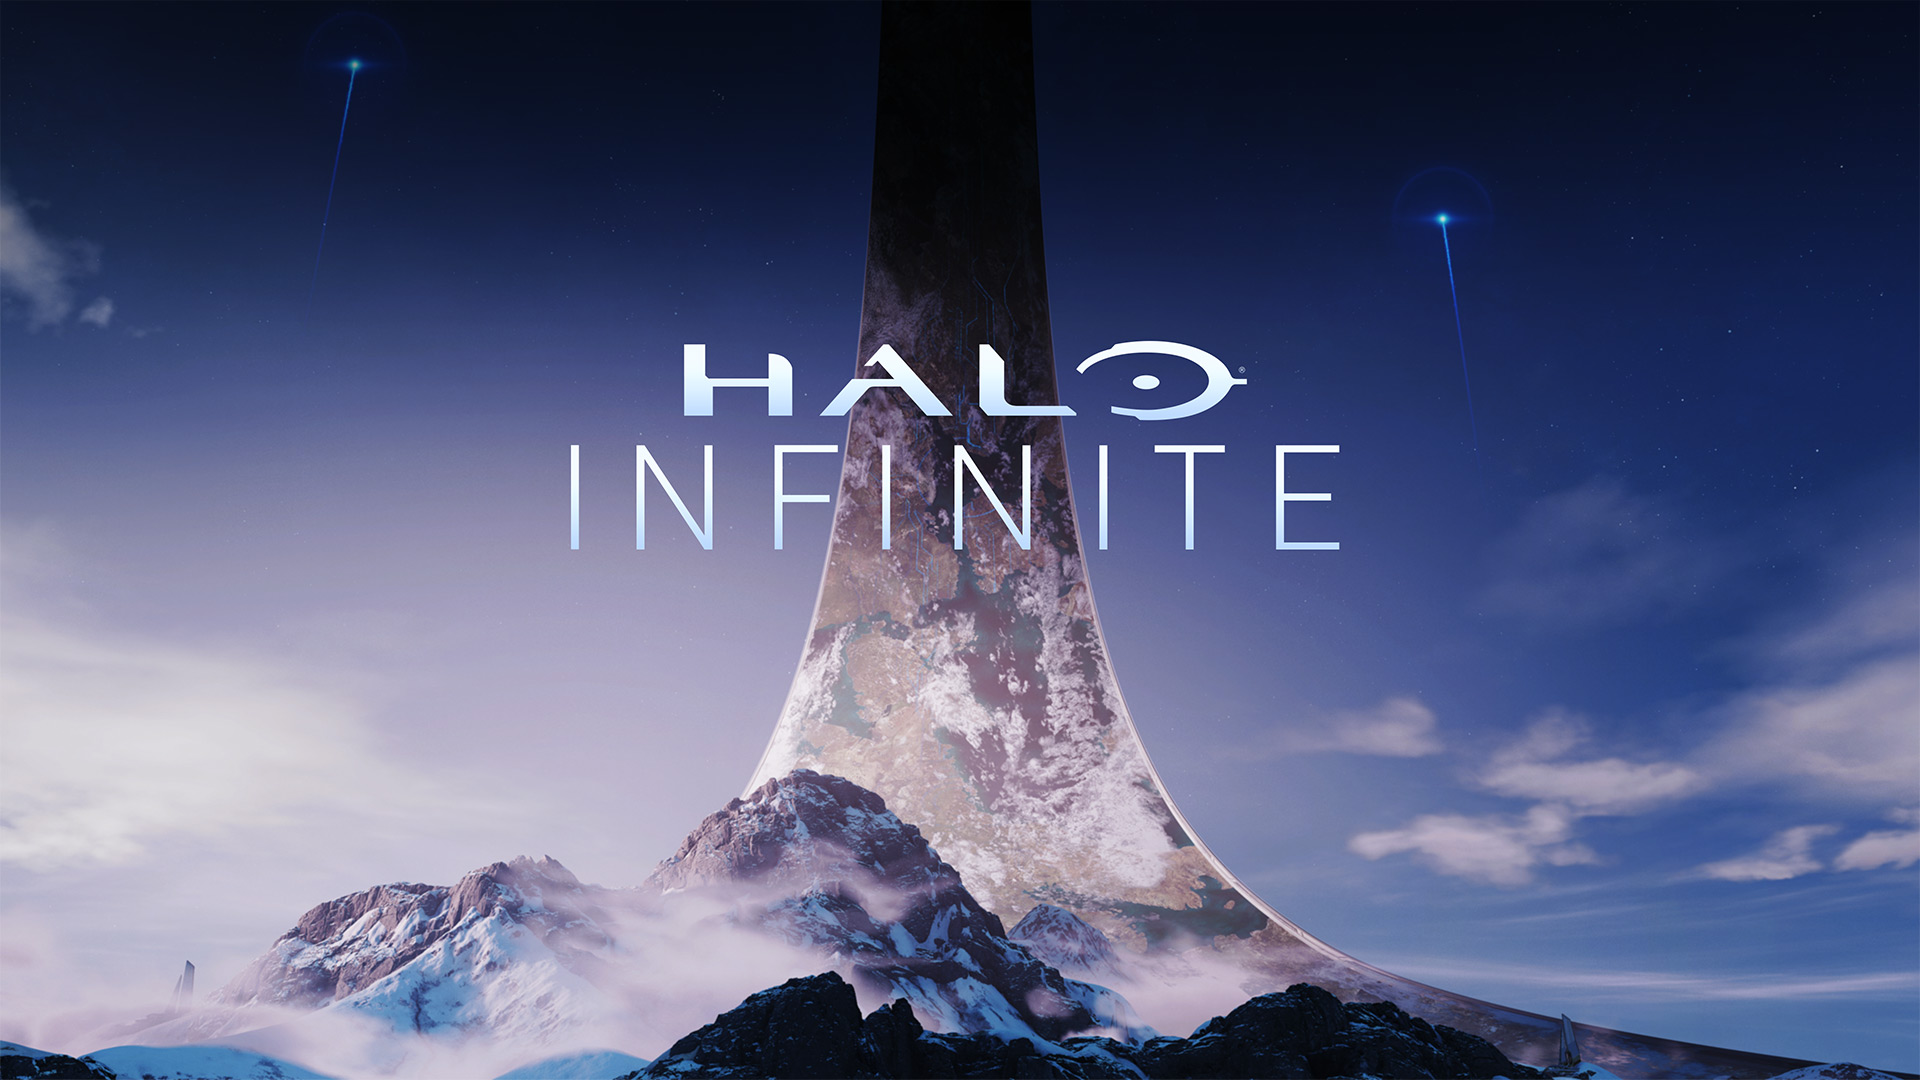 Halo Infinite aura-t-il un mode Battle Royale?